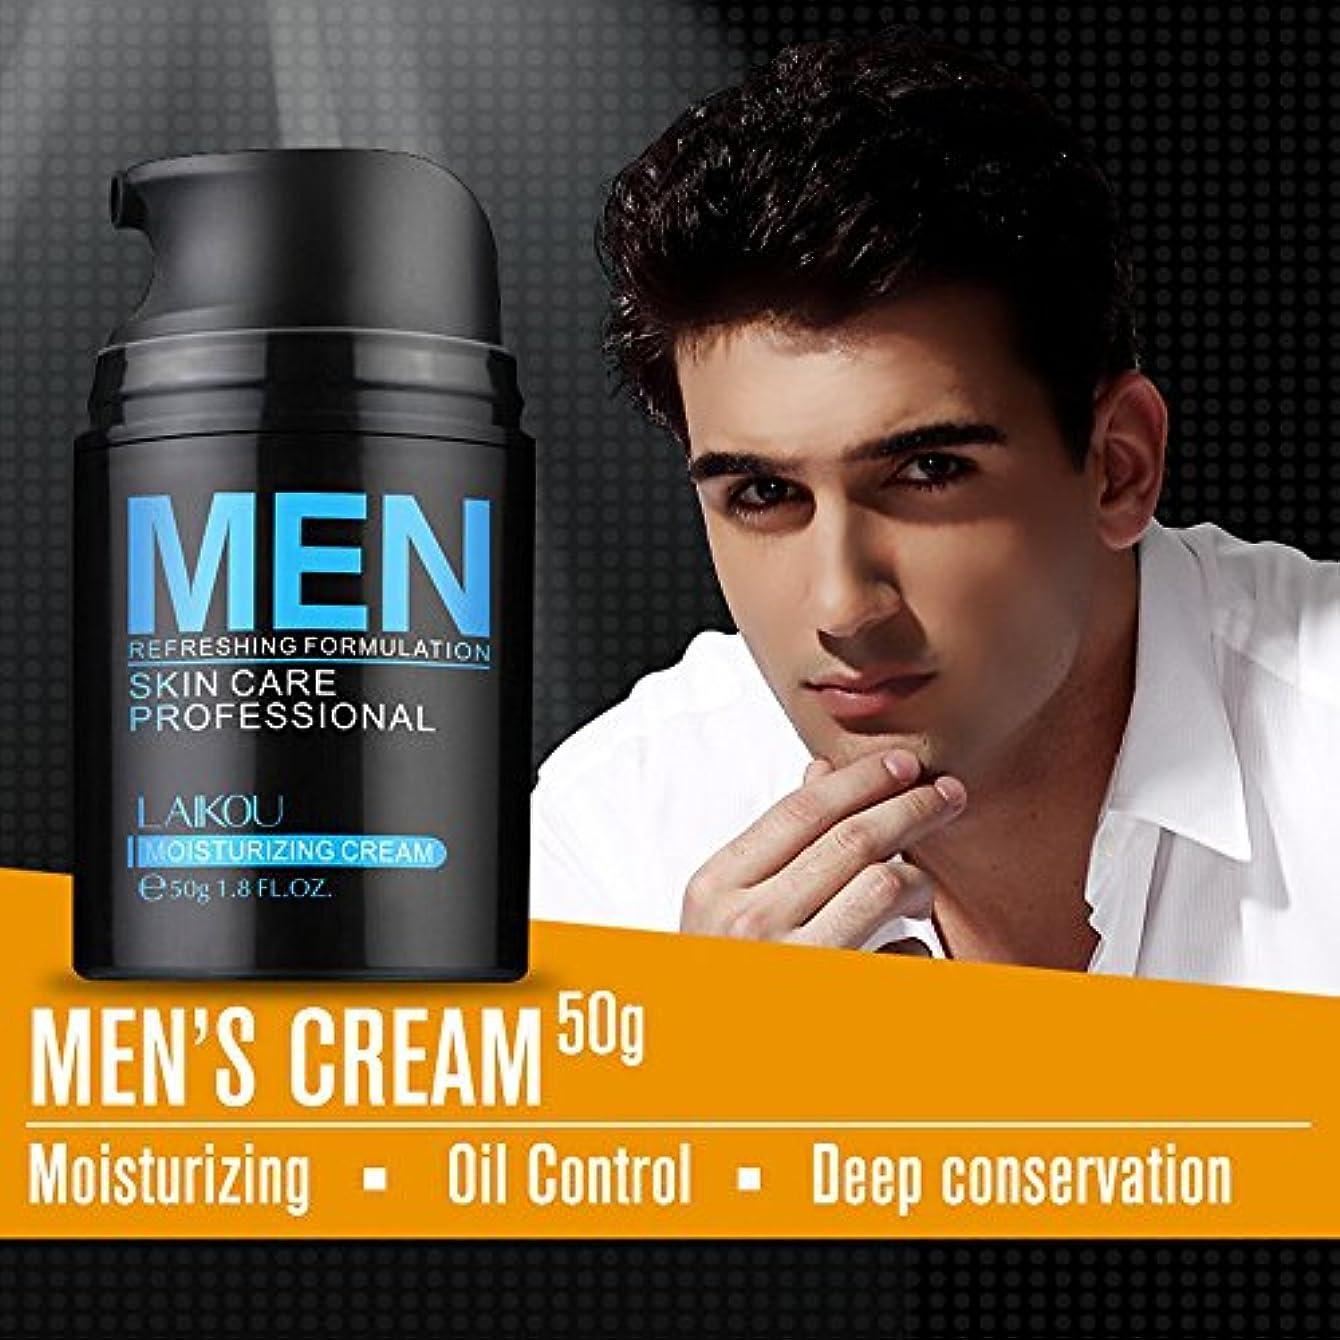 銀マナー慰めAkane LAIKOU 男子 押す 顔洗い 素敵 水分補給 オイルコントロール 保湿 すがすがしい 角質除去 クレンジング 浄化 使いやすい 洗顔料 アロエクリーム